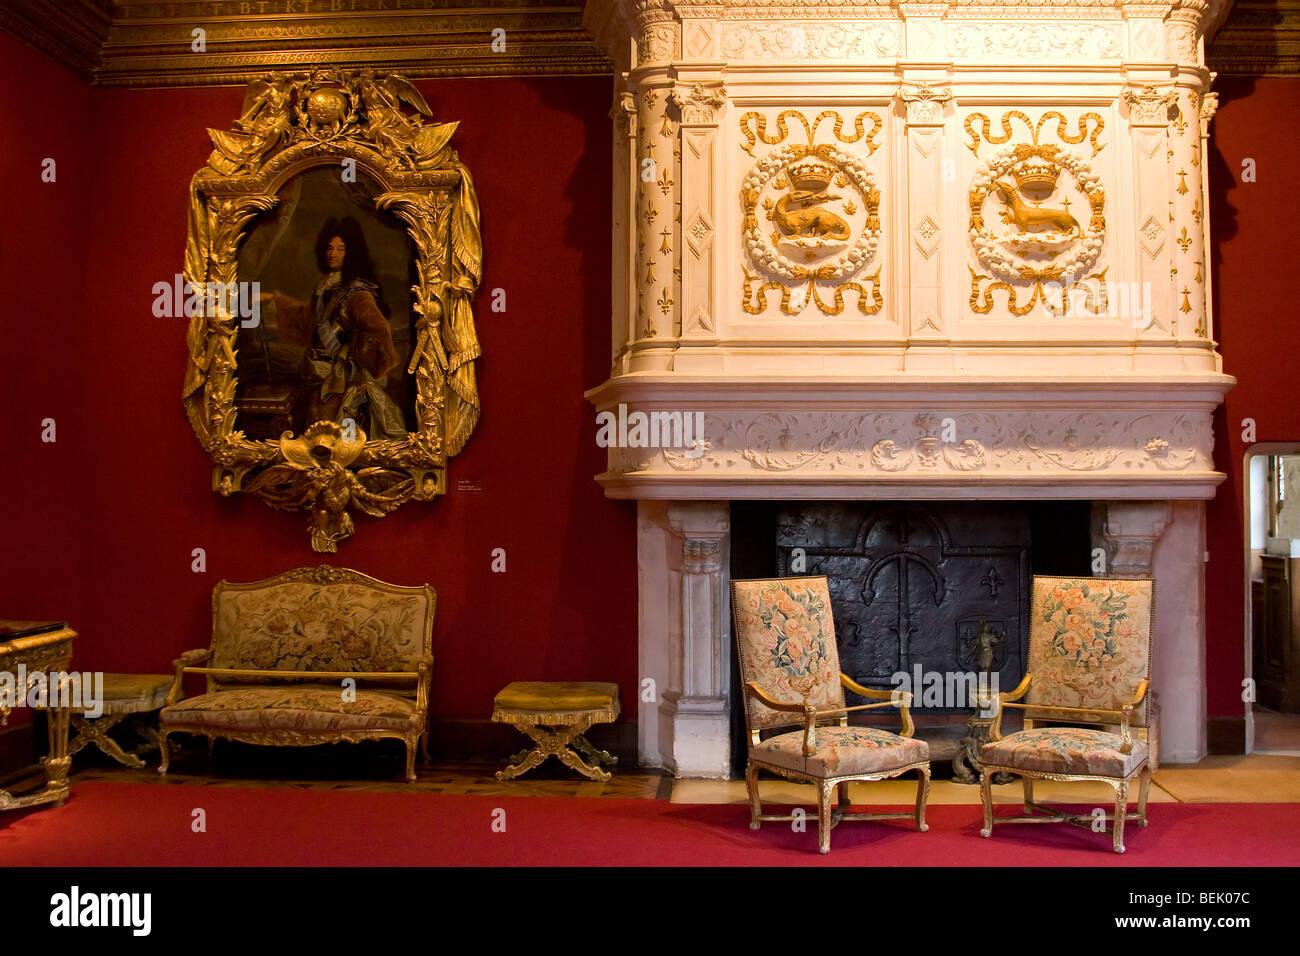 Interno del Castello di Chenonceaux, Francia Foto stock - Alamy